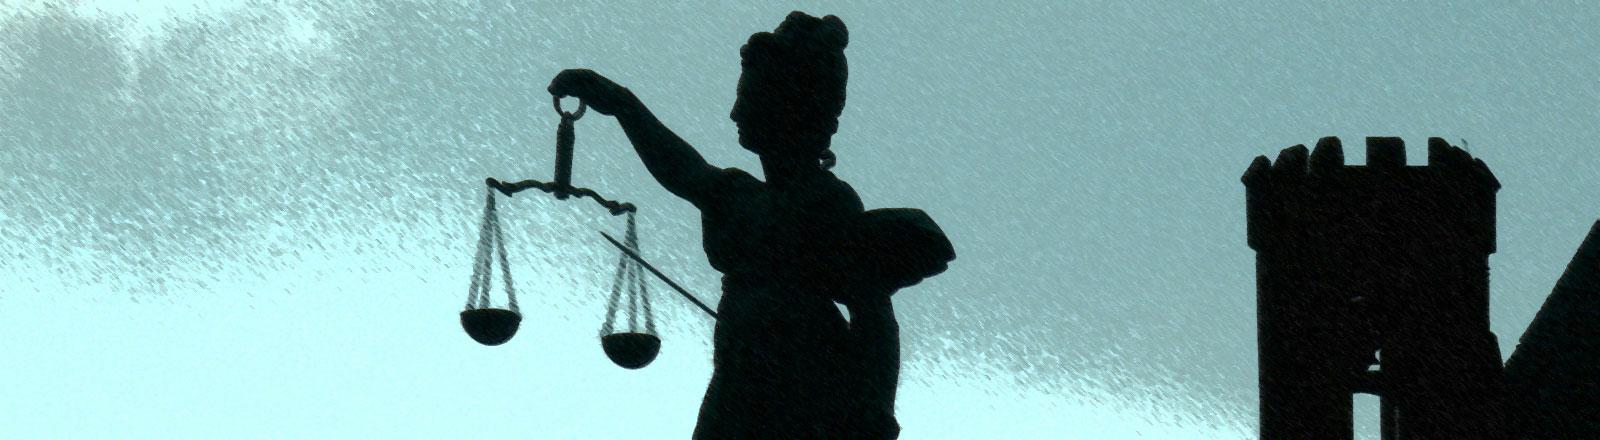 Die Statue der Justizia, die eine Waage in ihrer Hand hält.